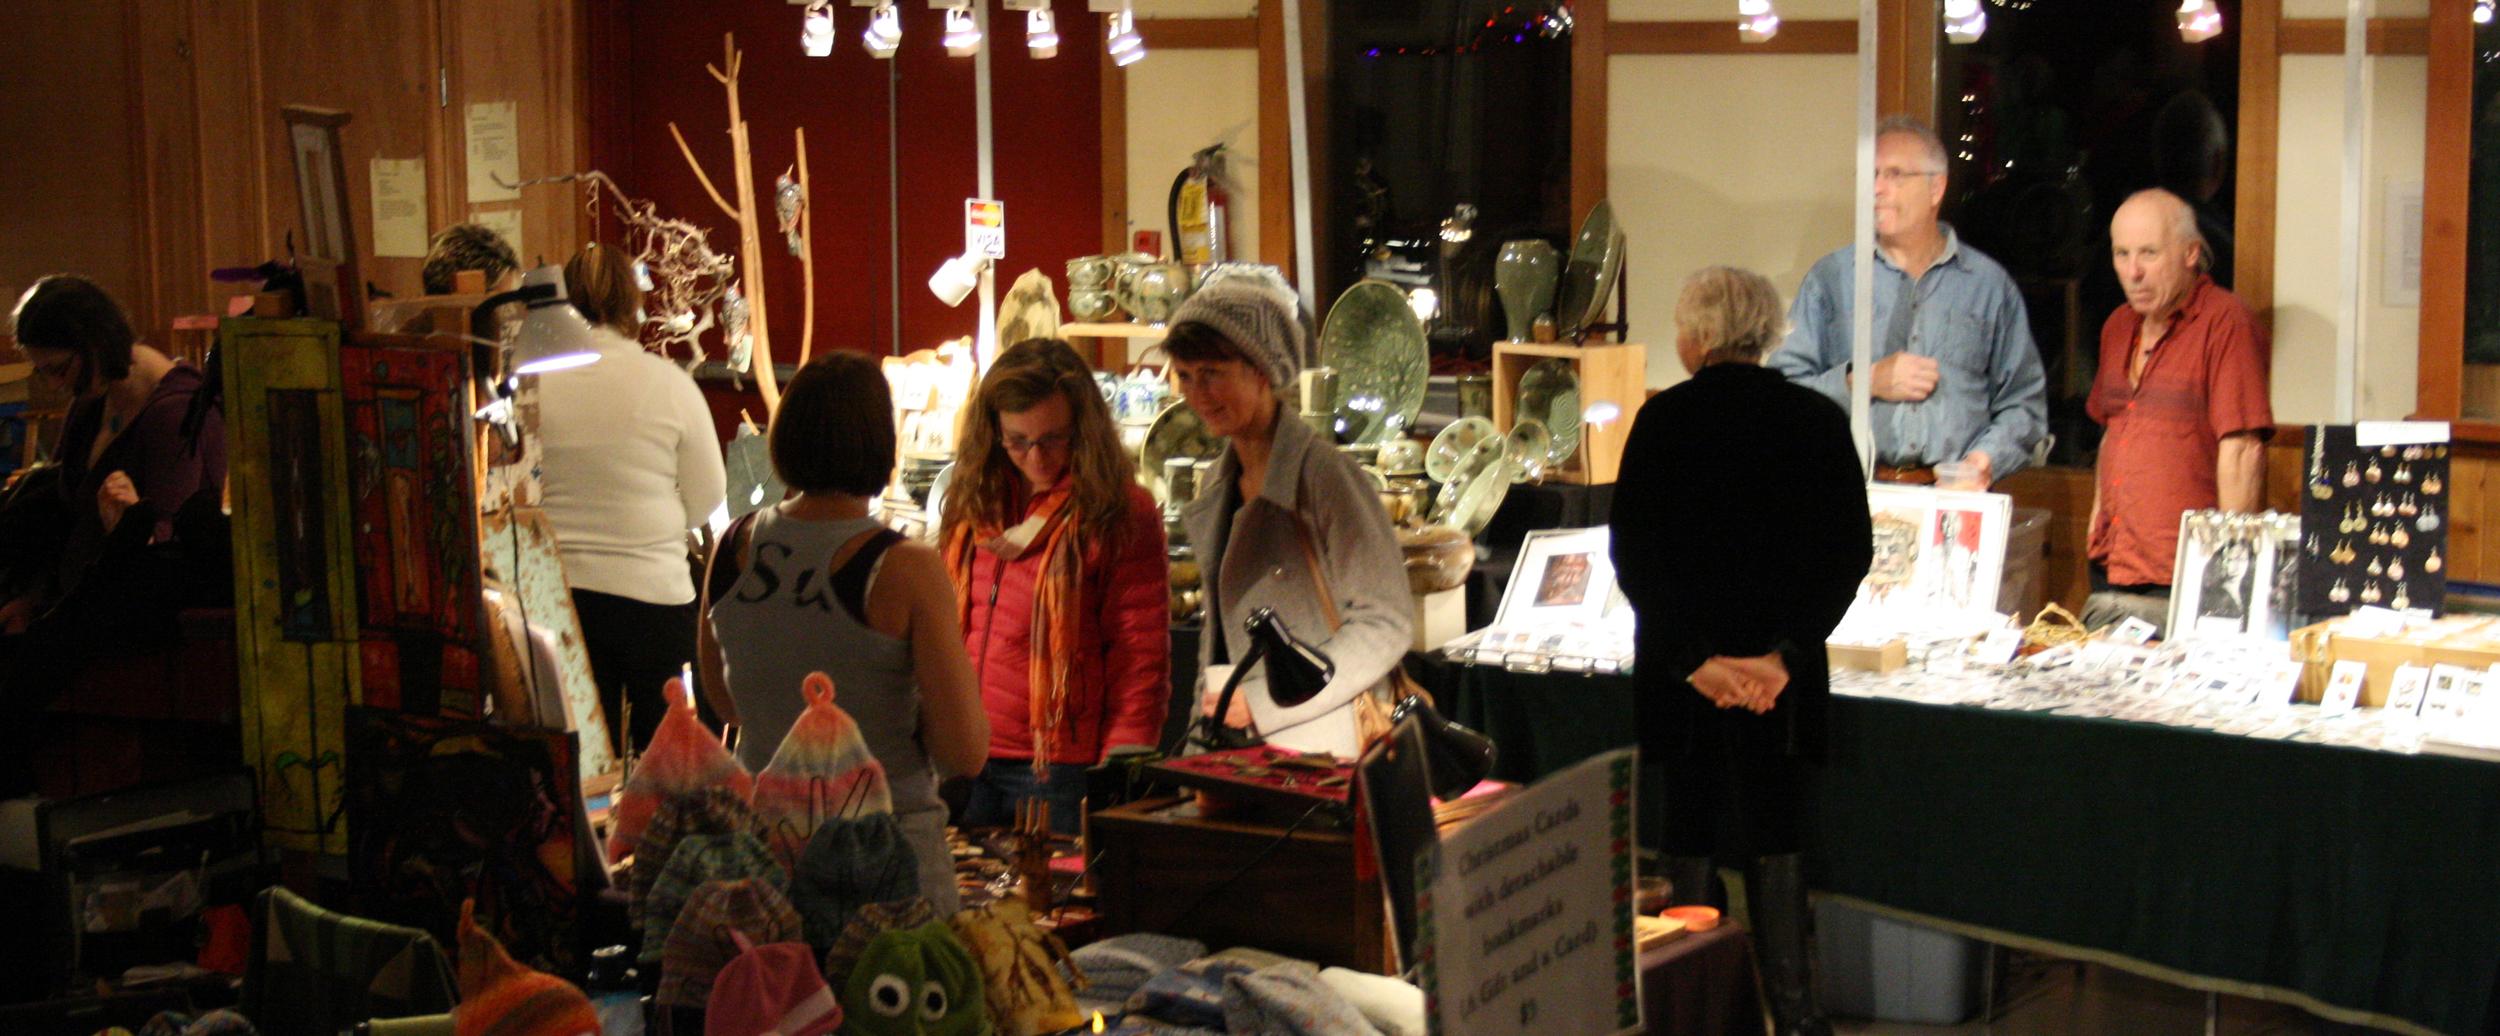 crafts fair crop1.jpg